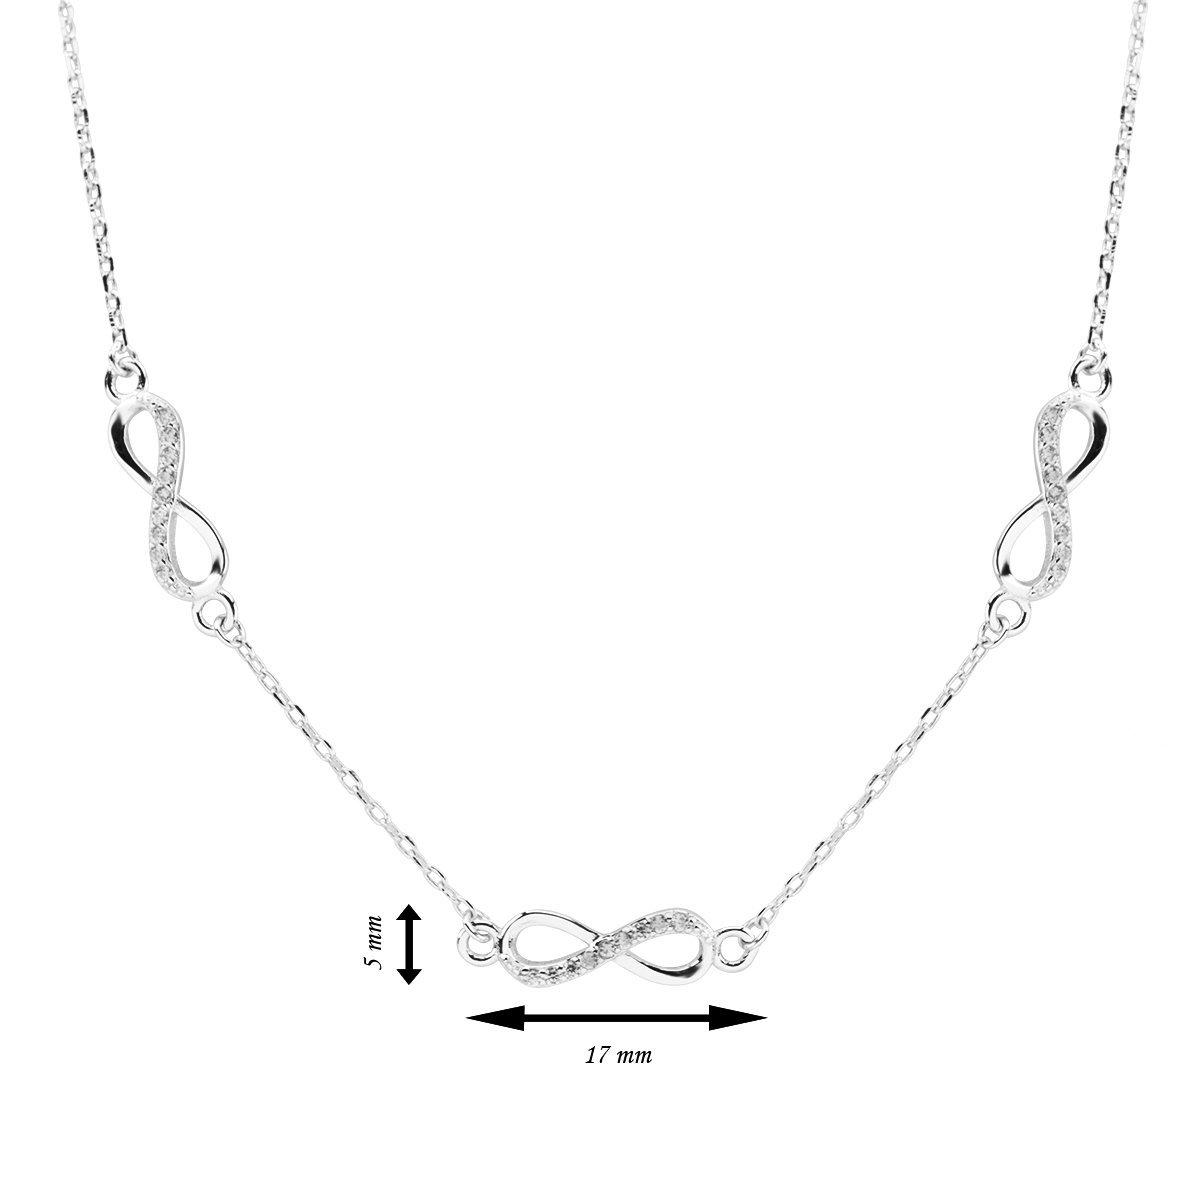 Srebrny Naszyjnik pr. 925 Nieskończoność z cyrkoniami 3 elementy Dedykacja